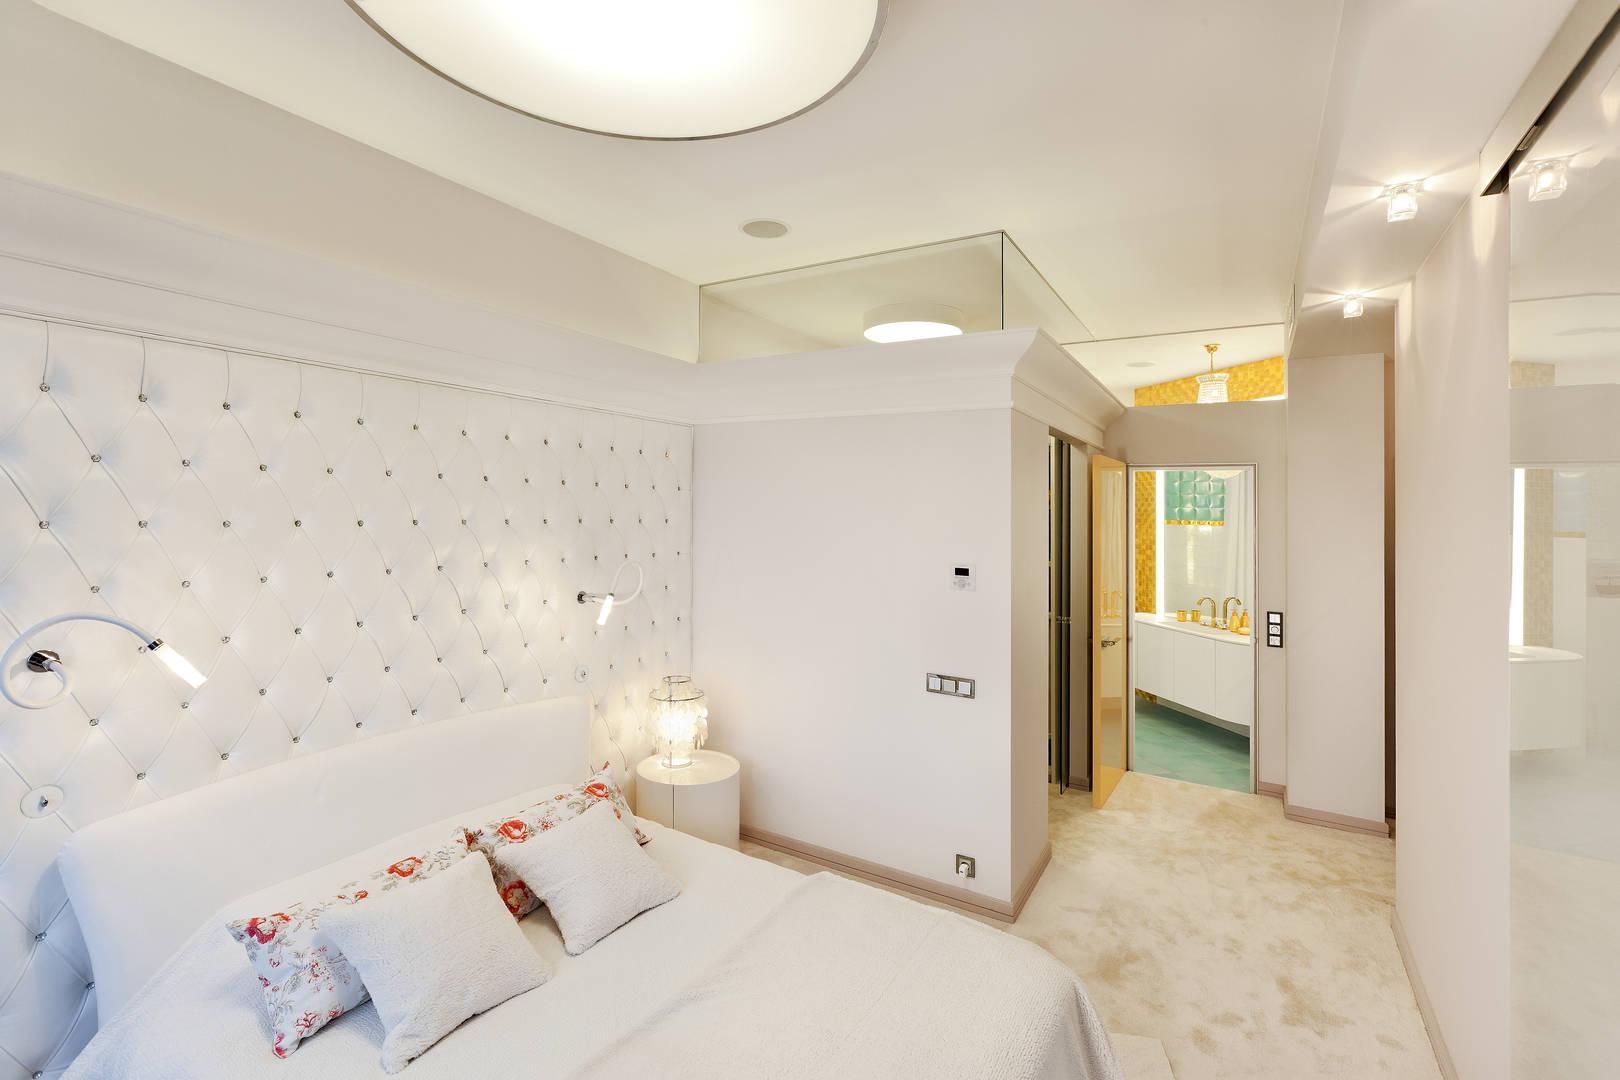 Спальня с видом на гардероб и ванную